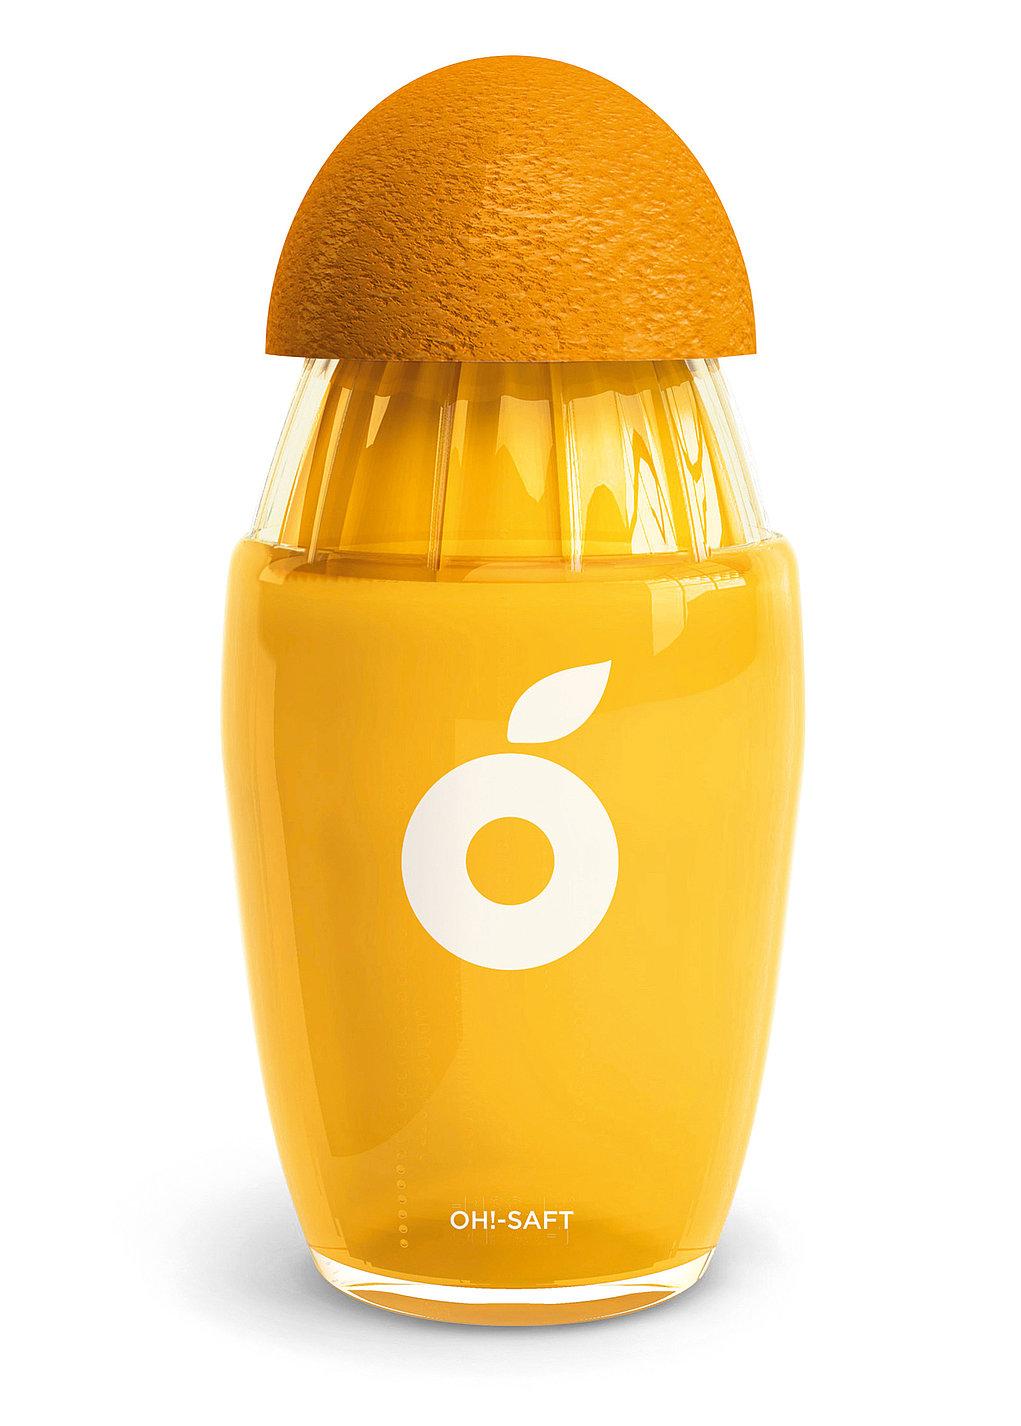 The Orange Press | Red Dot Design Award